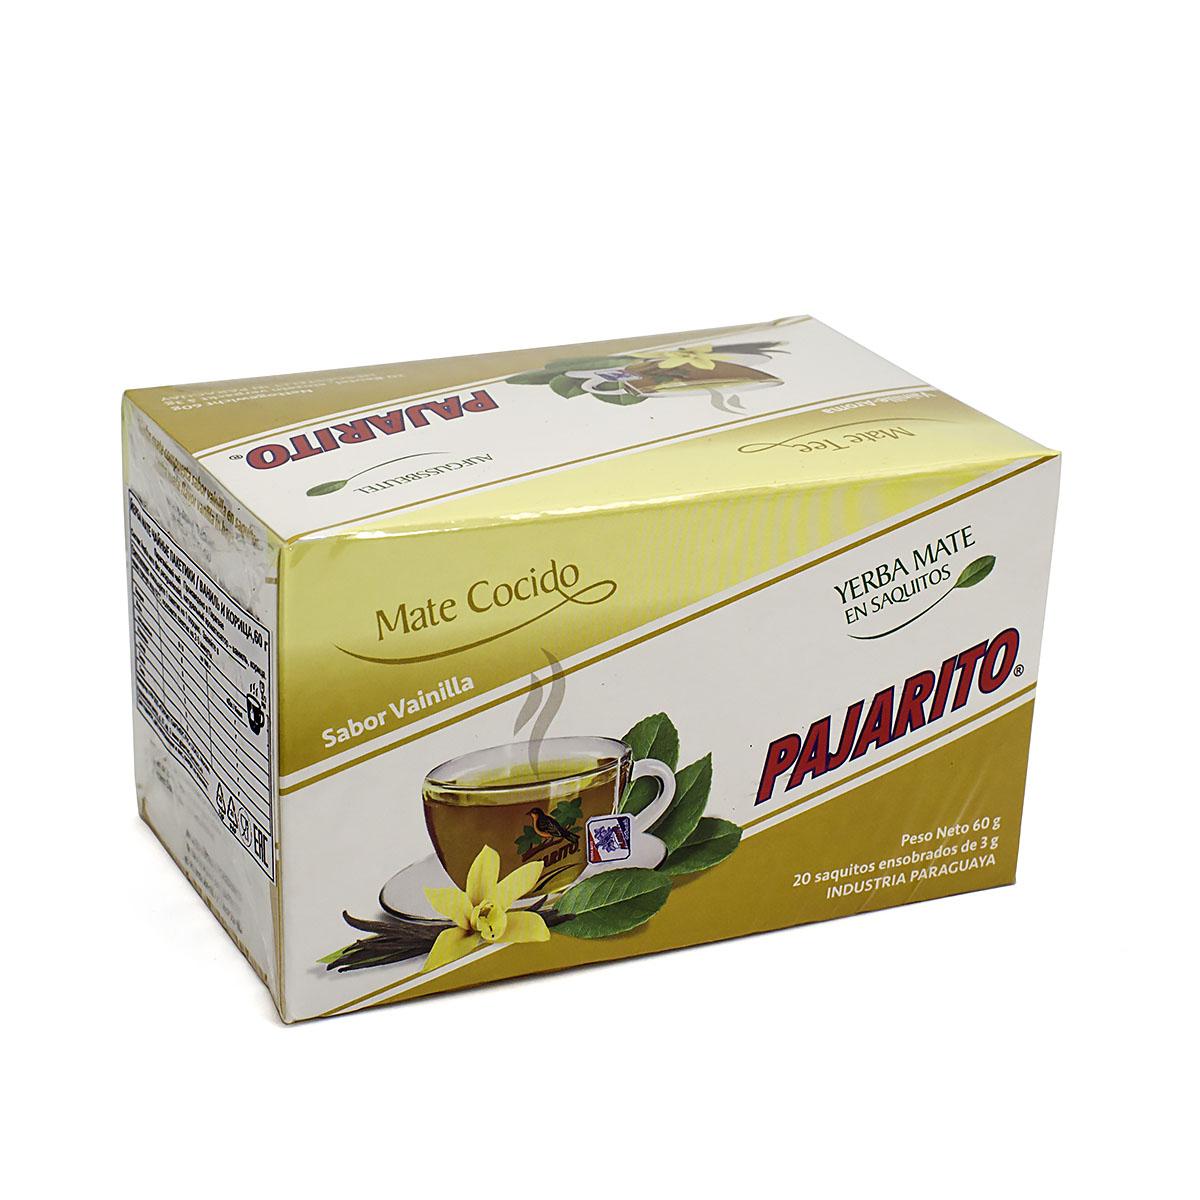 Мате Pajarito Tradicional с ванилью в фильтр-пакетах, 25 пак х 2 г (уцененный товар) книжки в кармашке змея в шапочке комплект из 4 книжек уцененный товар 2